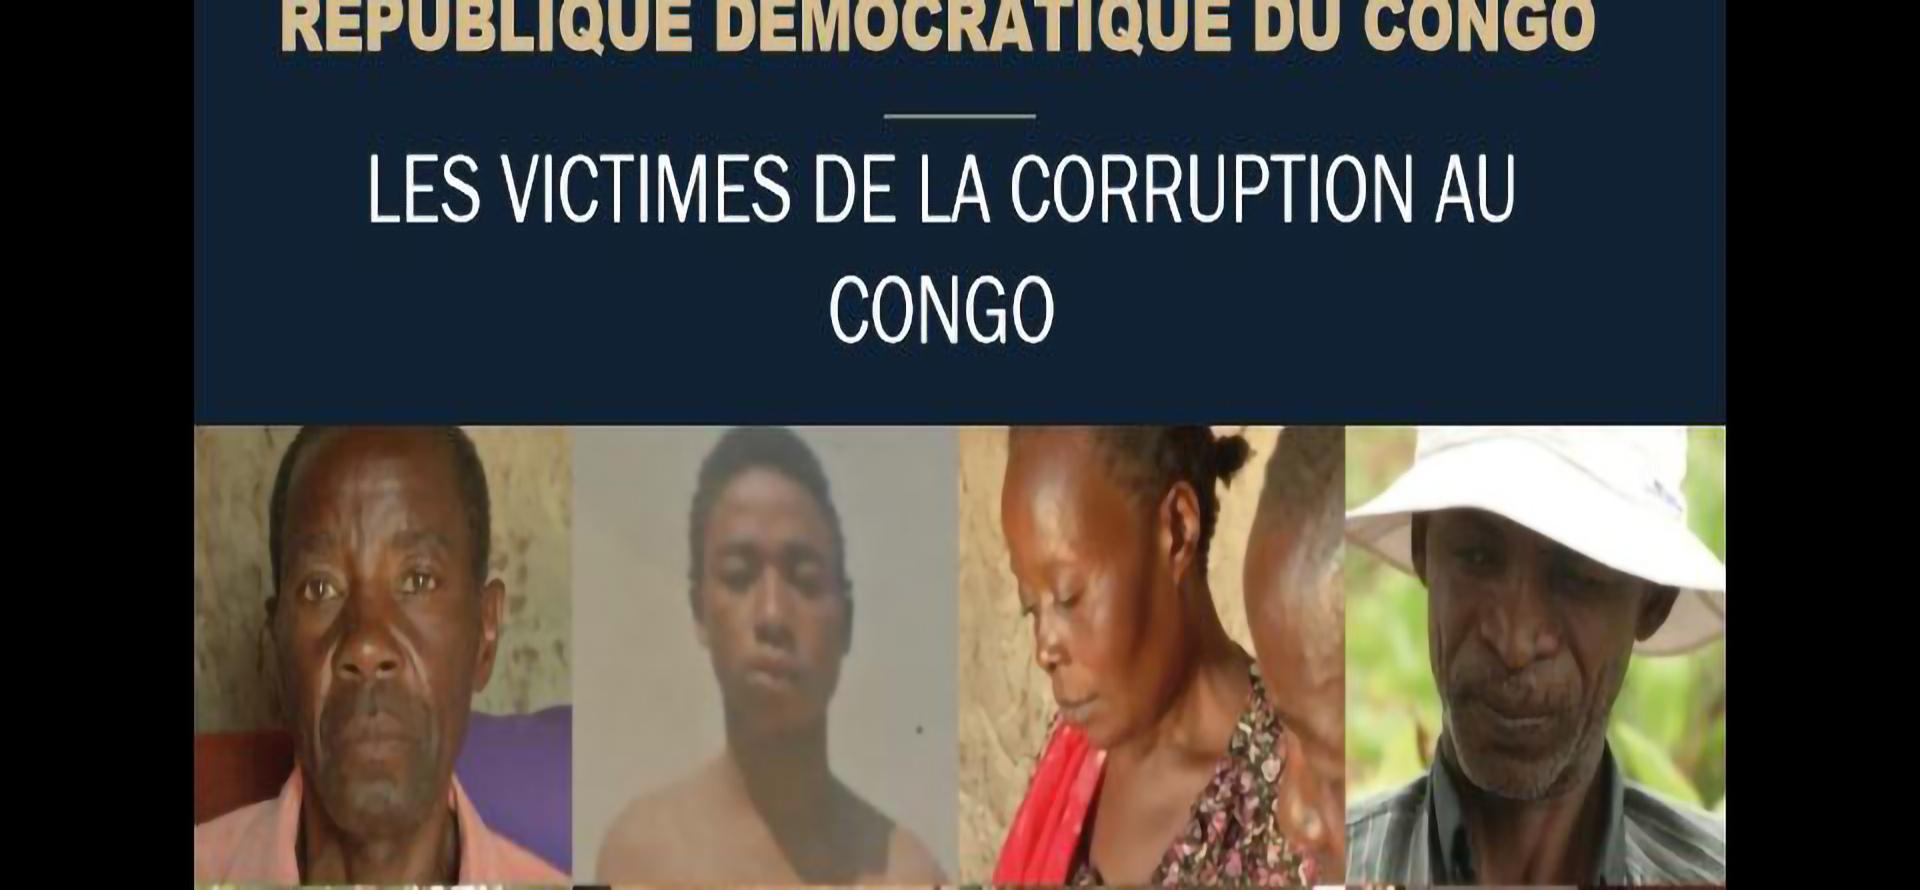 République Démocratique du Congo: les victimes de la corruption au Congo